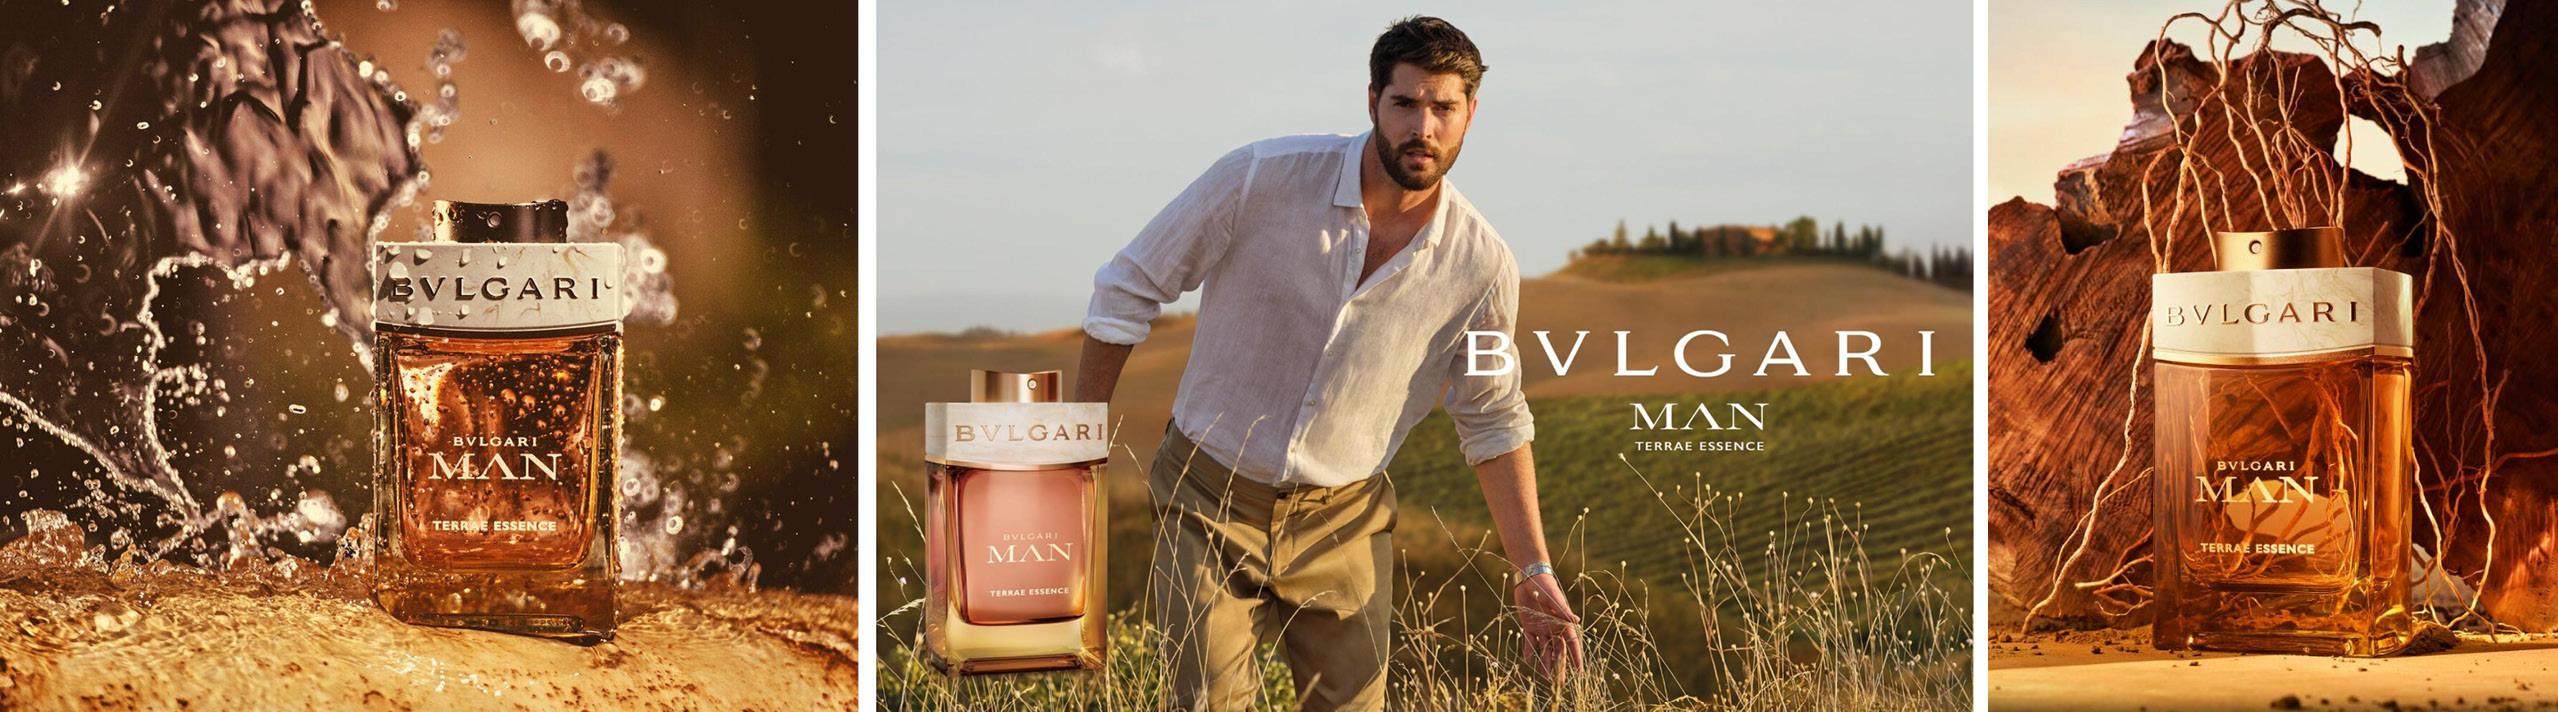 Scopri la nuova fragranza maschile di Bulgari per uomo